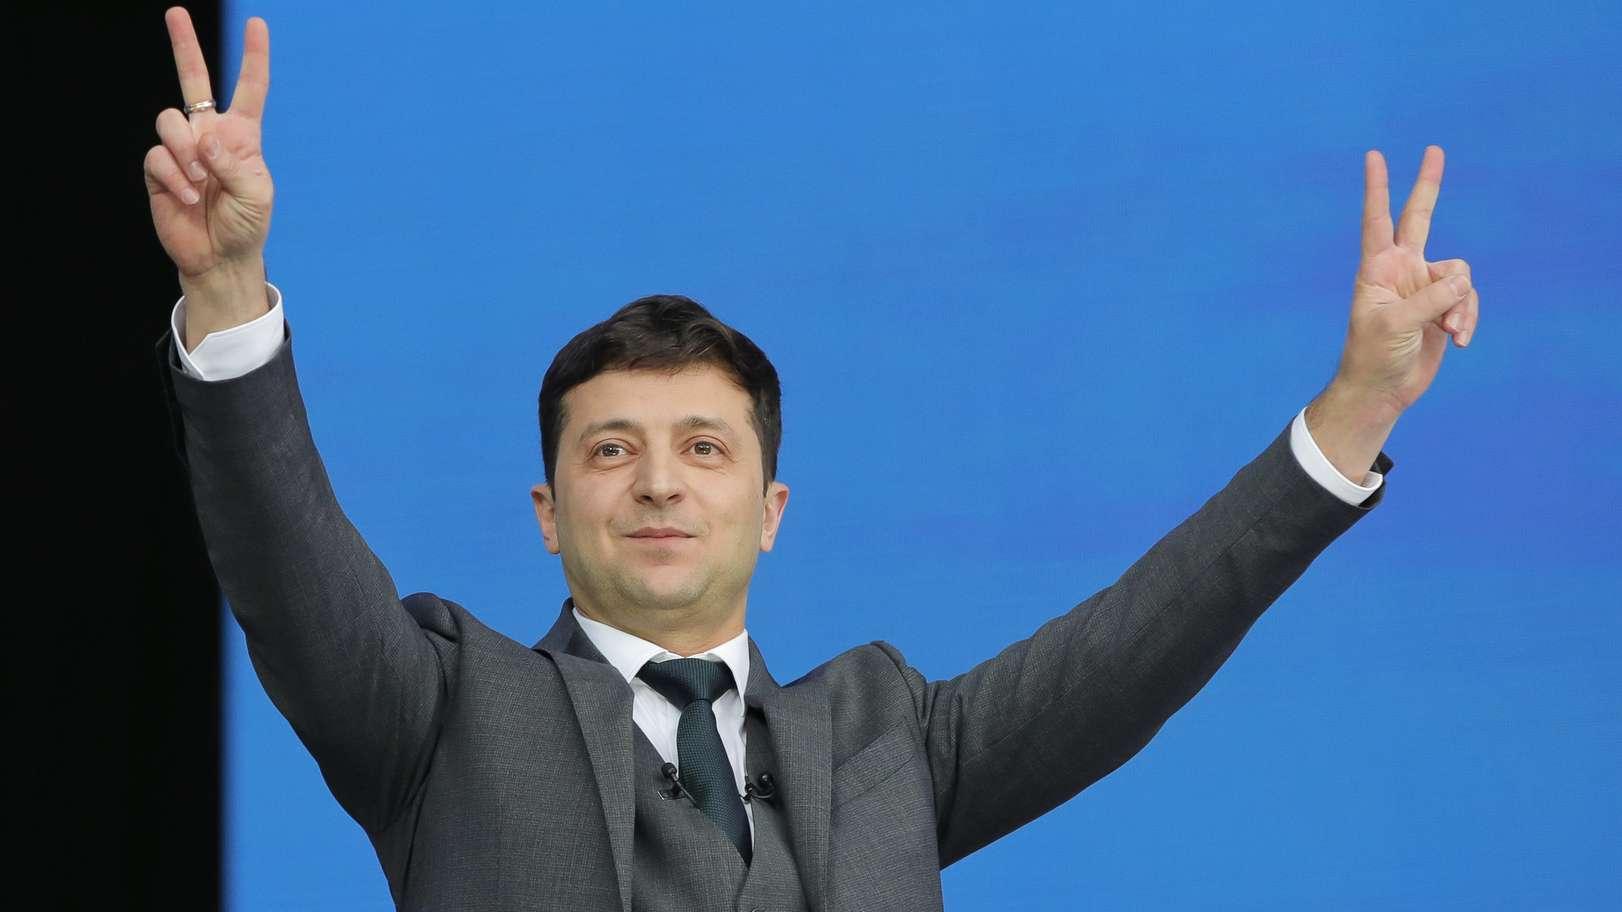 Wolodymyr Selenskyj macht mit beiden Händen das Victory-Zeichen.